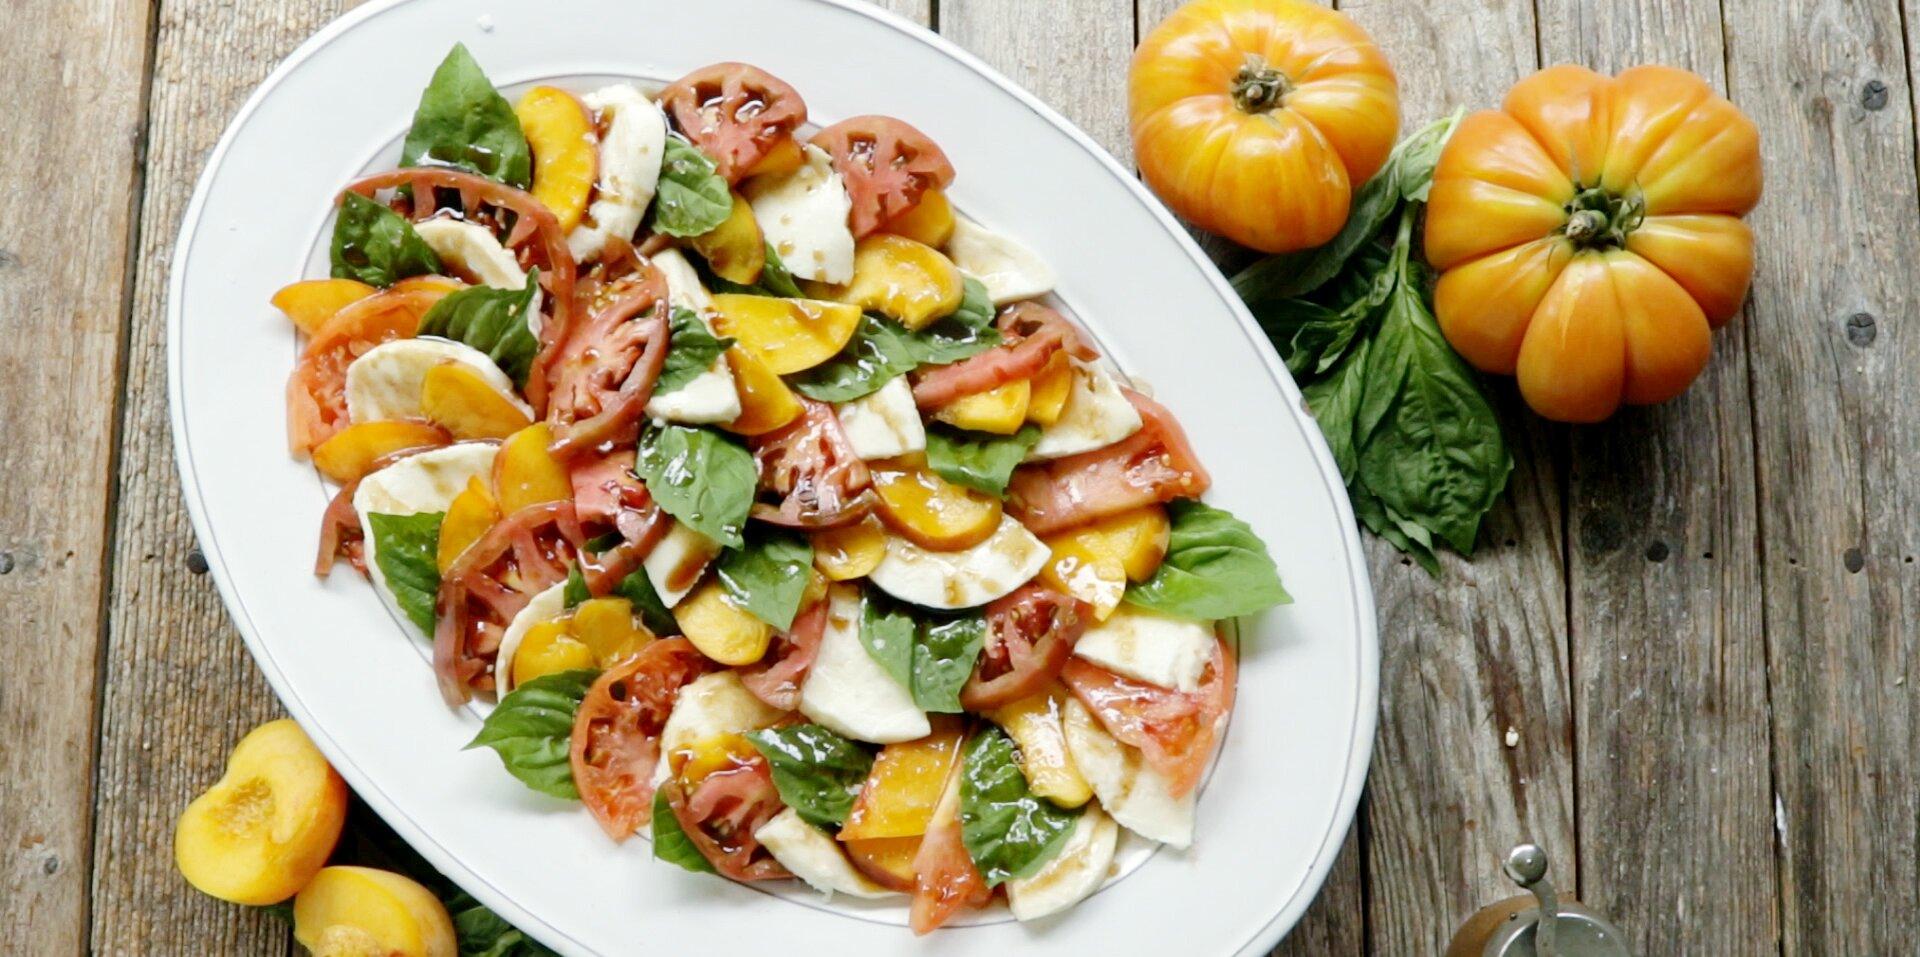 peach and tomato caprese salad recipe